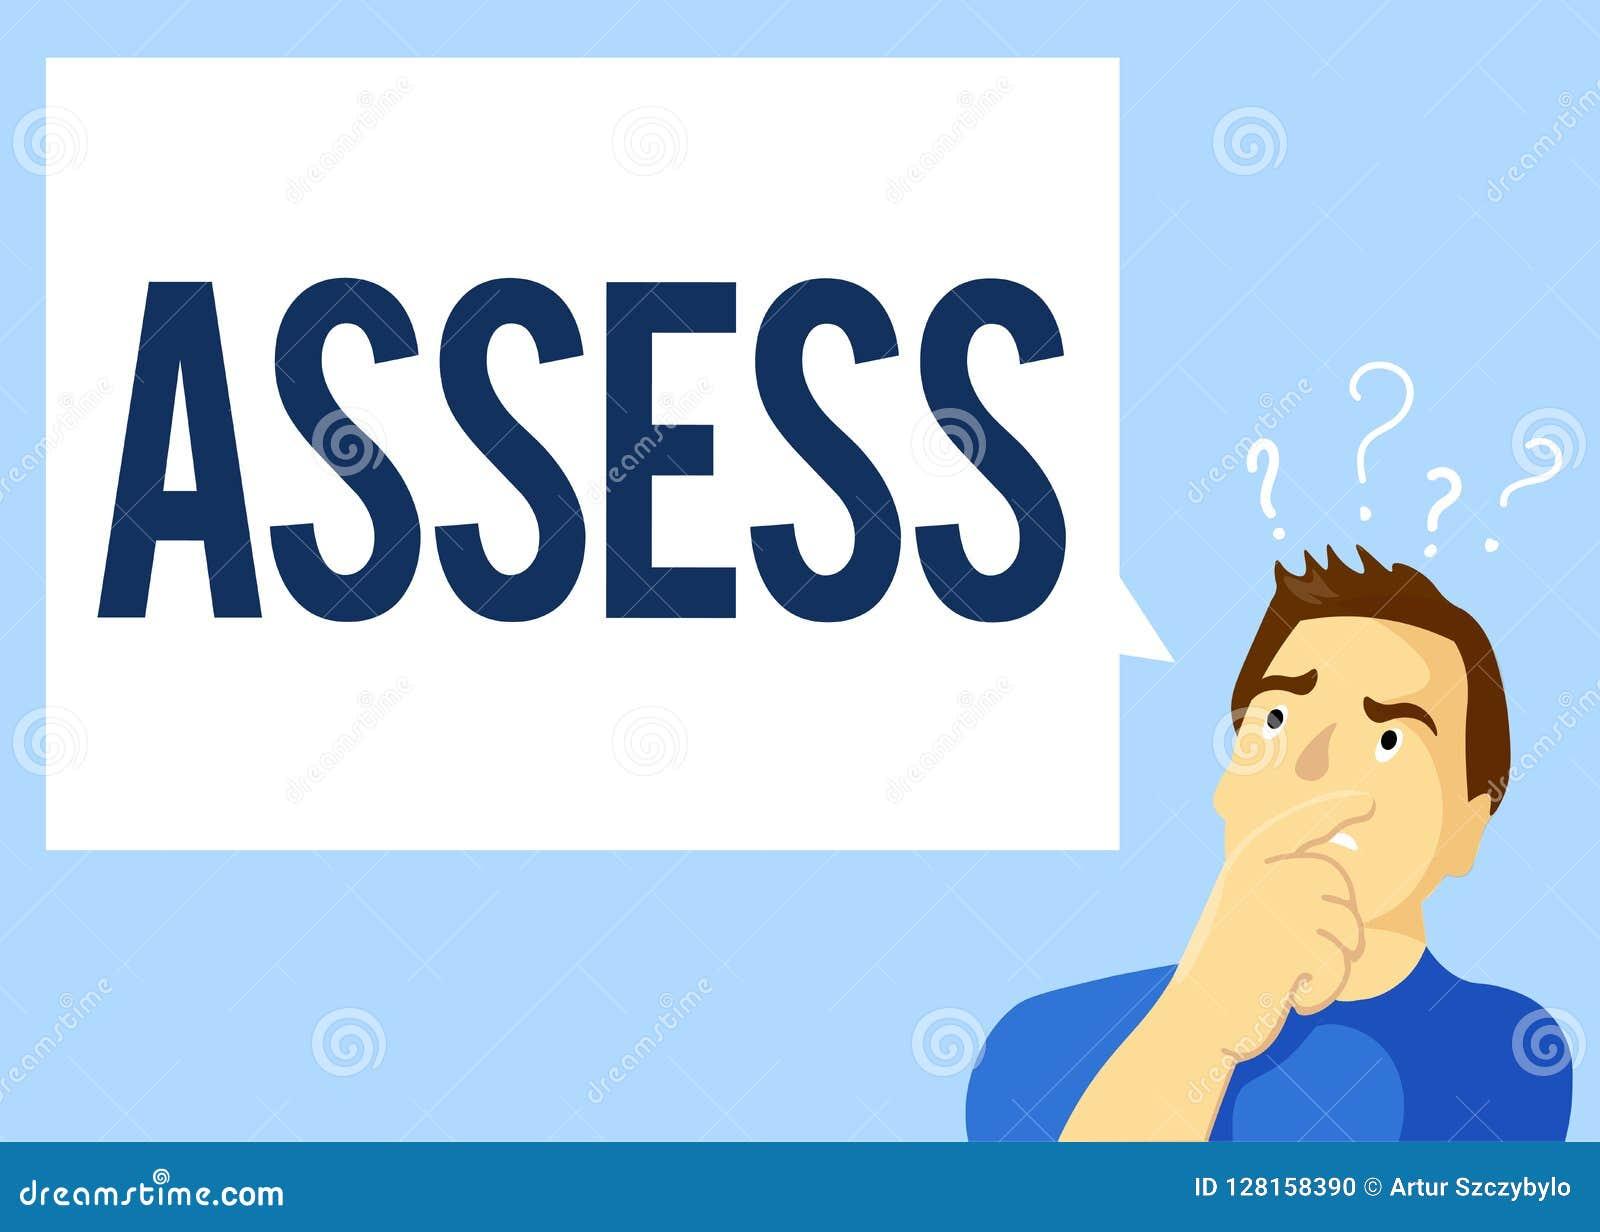 概念性手文字陈列估计 企业照片文本评估或估计产品的自然能力质量